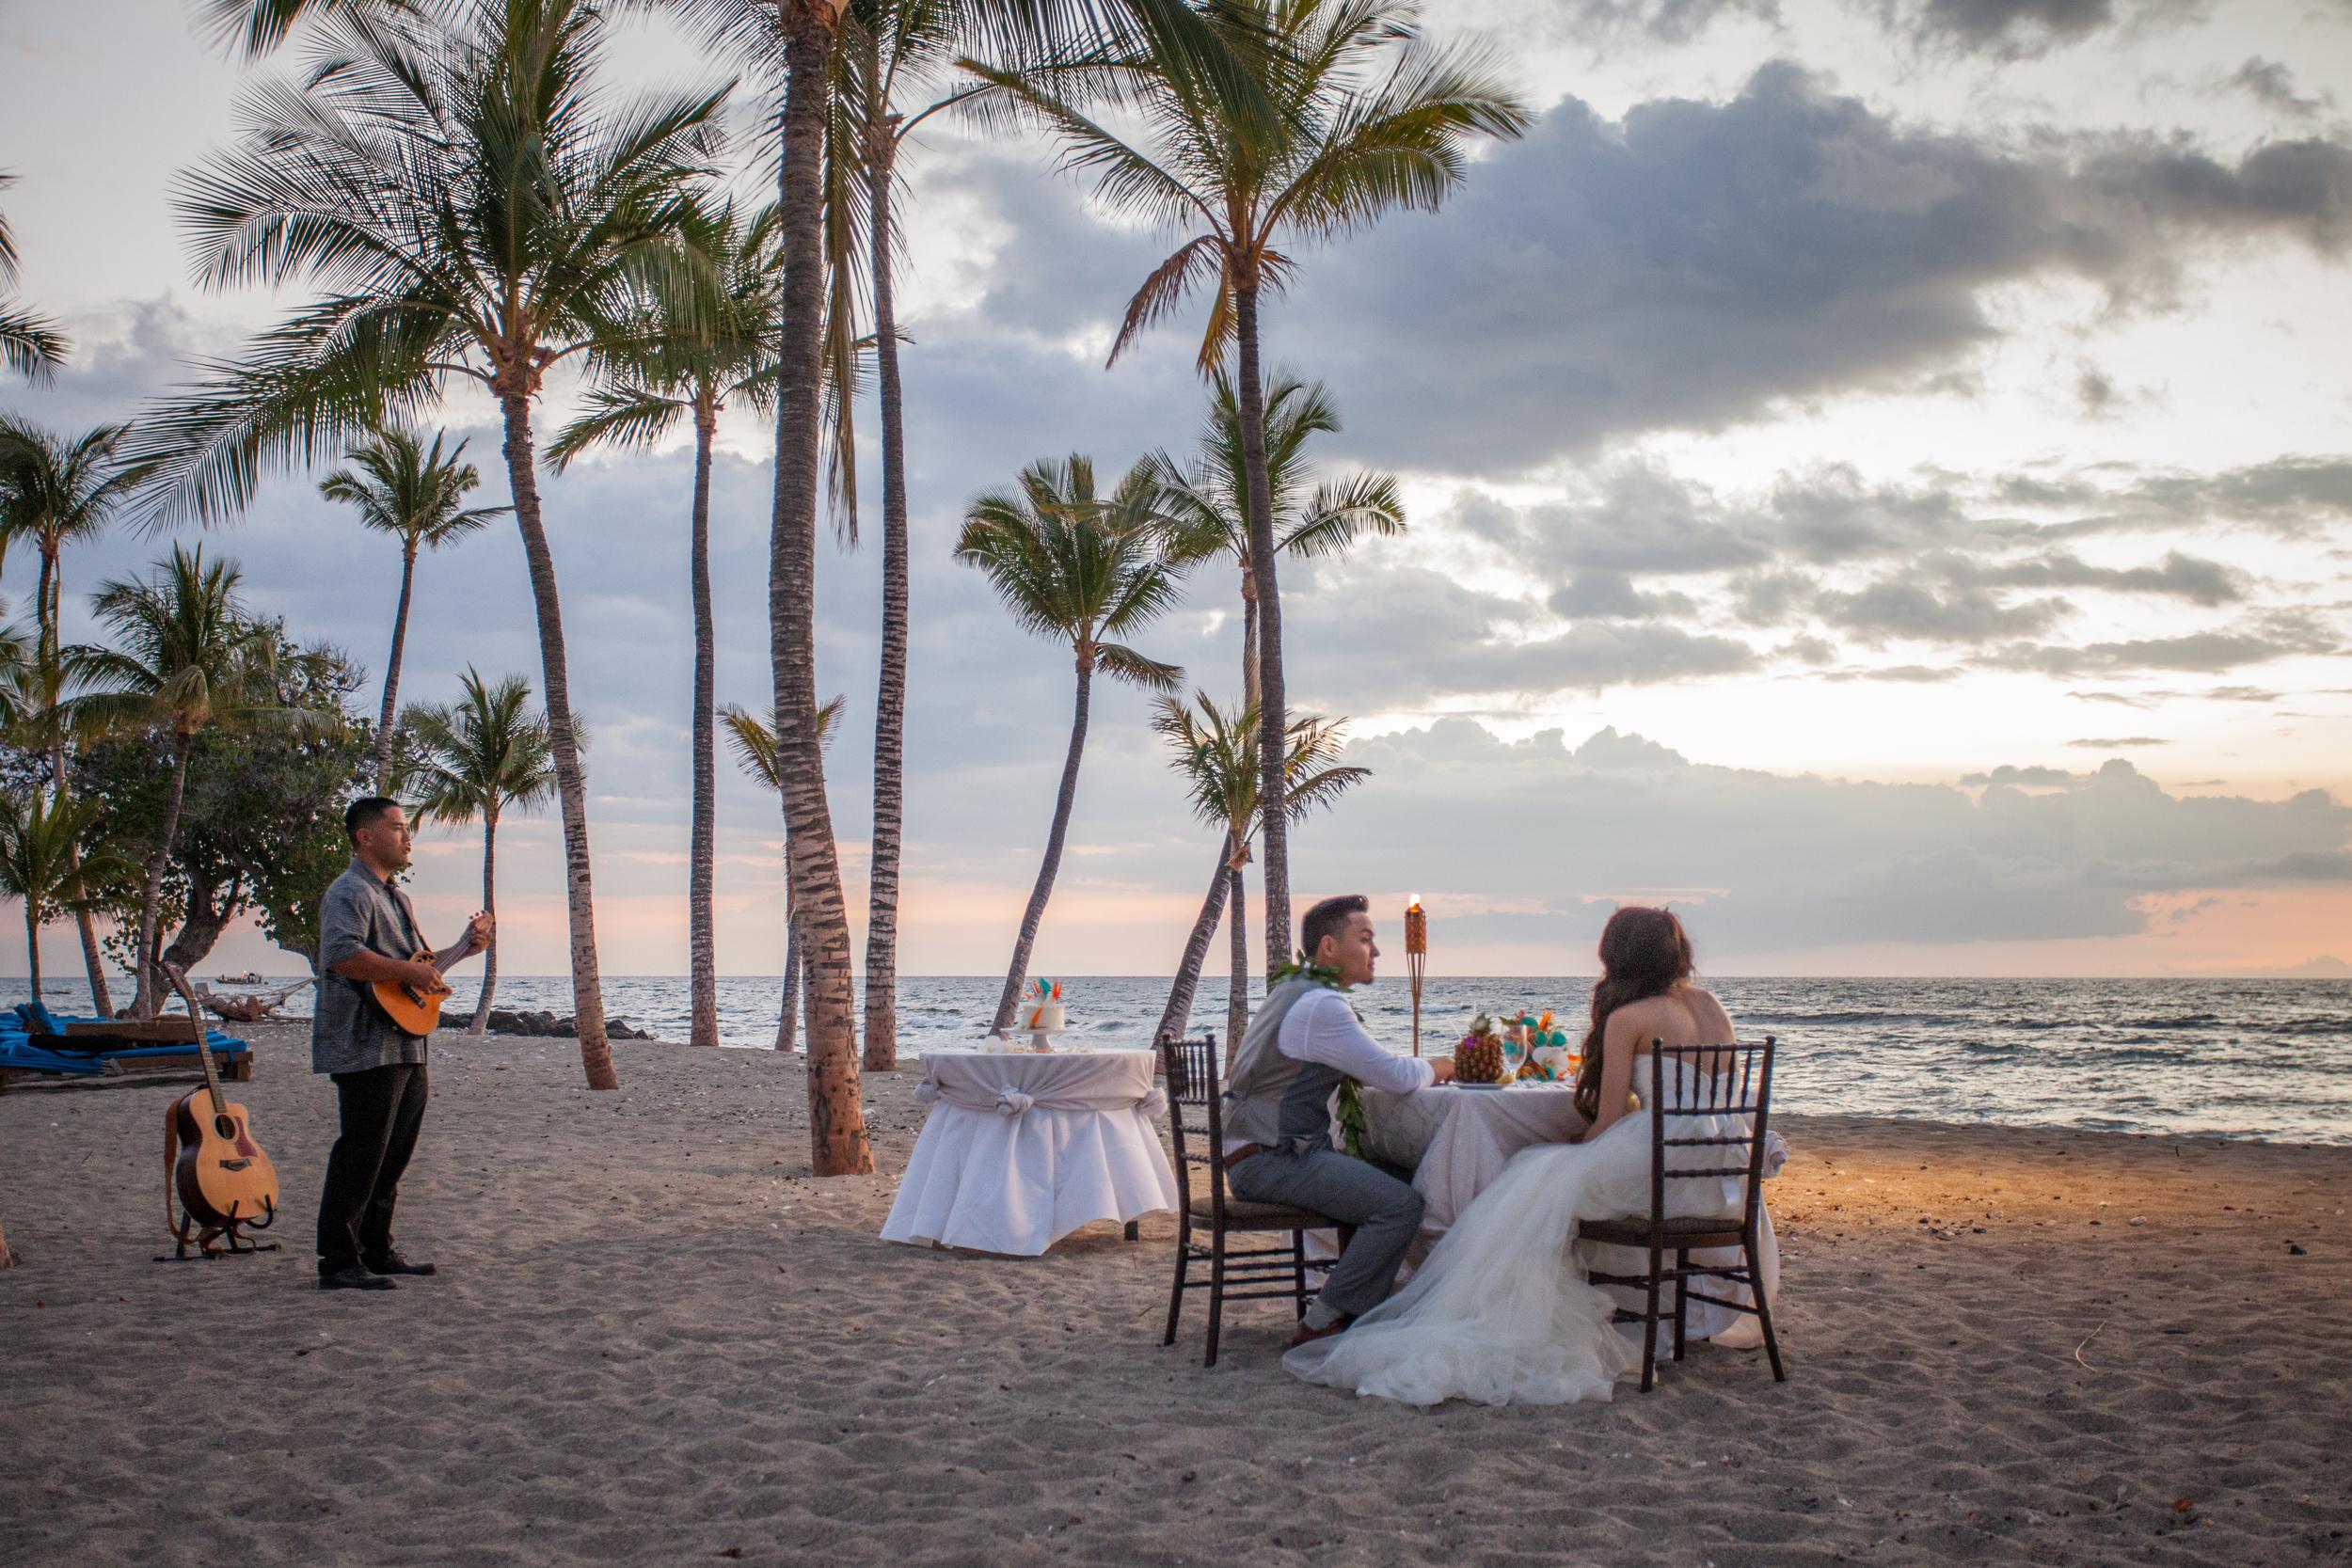 big island hawaii mauna lani resort wedding © kelilina photography 20160523191057-1.jpg